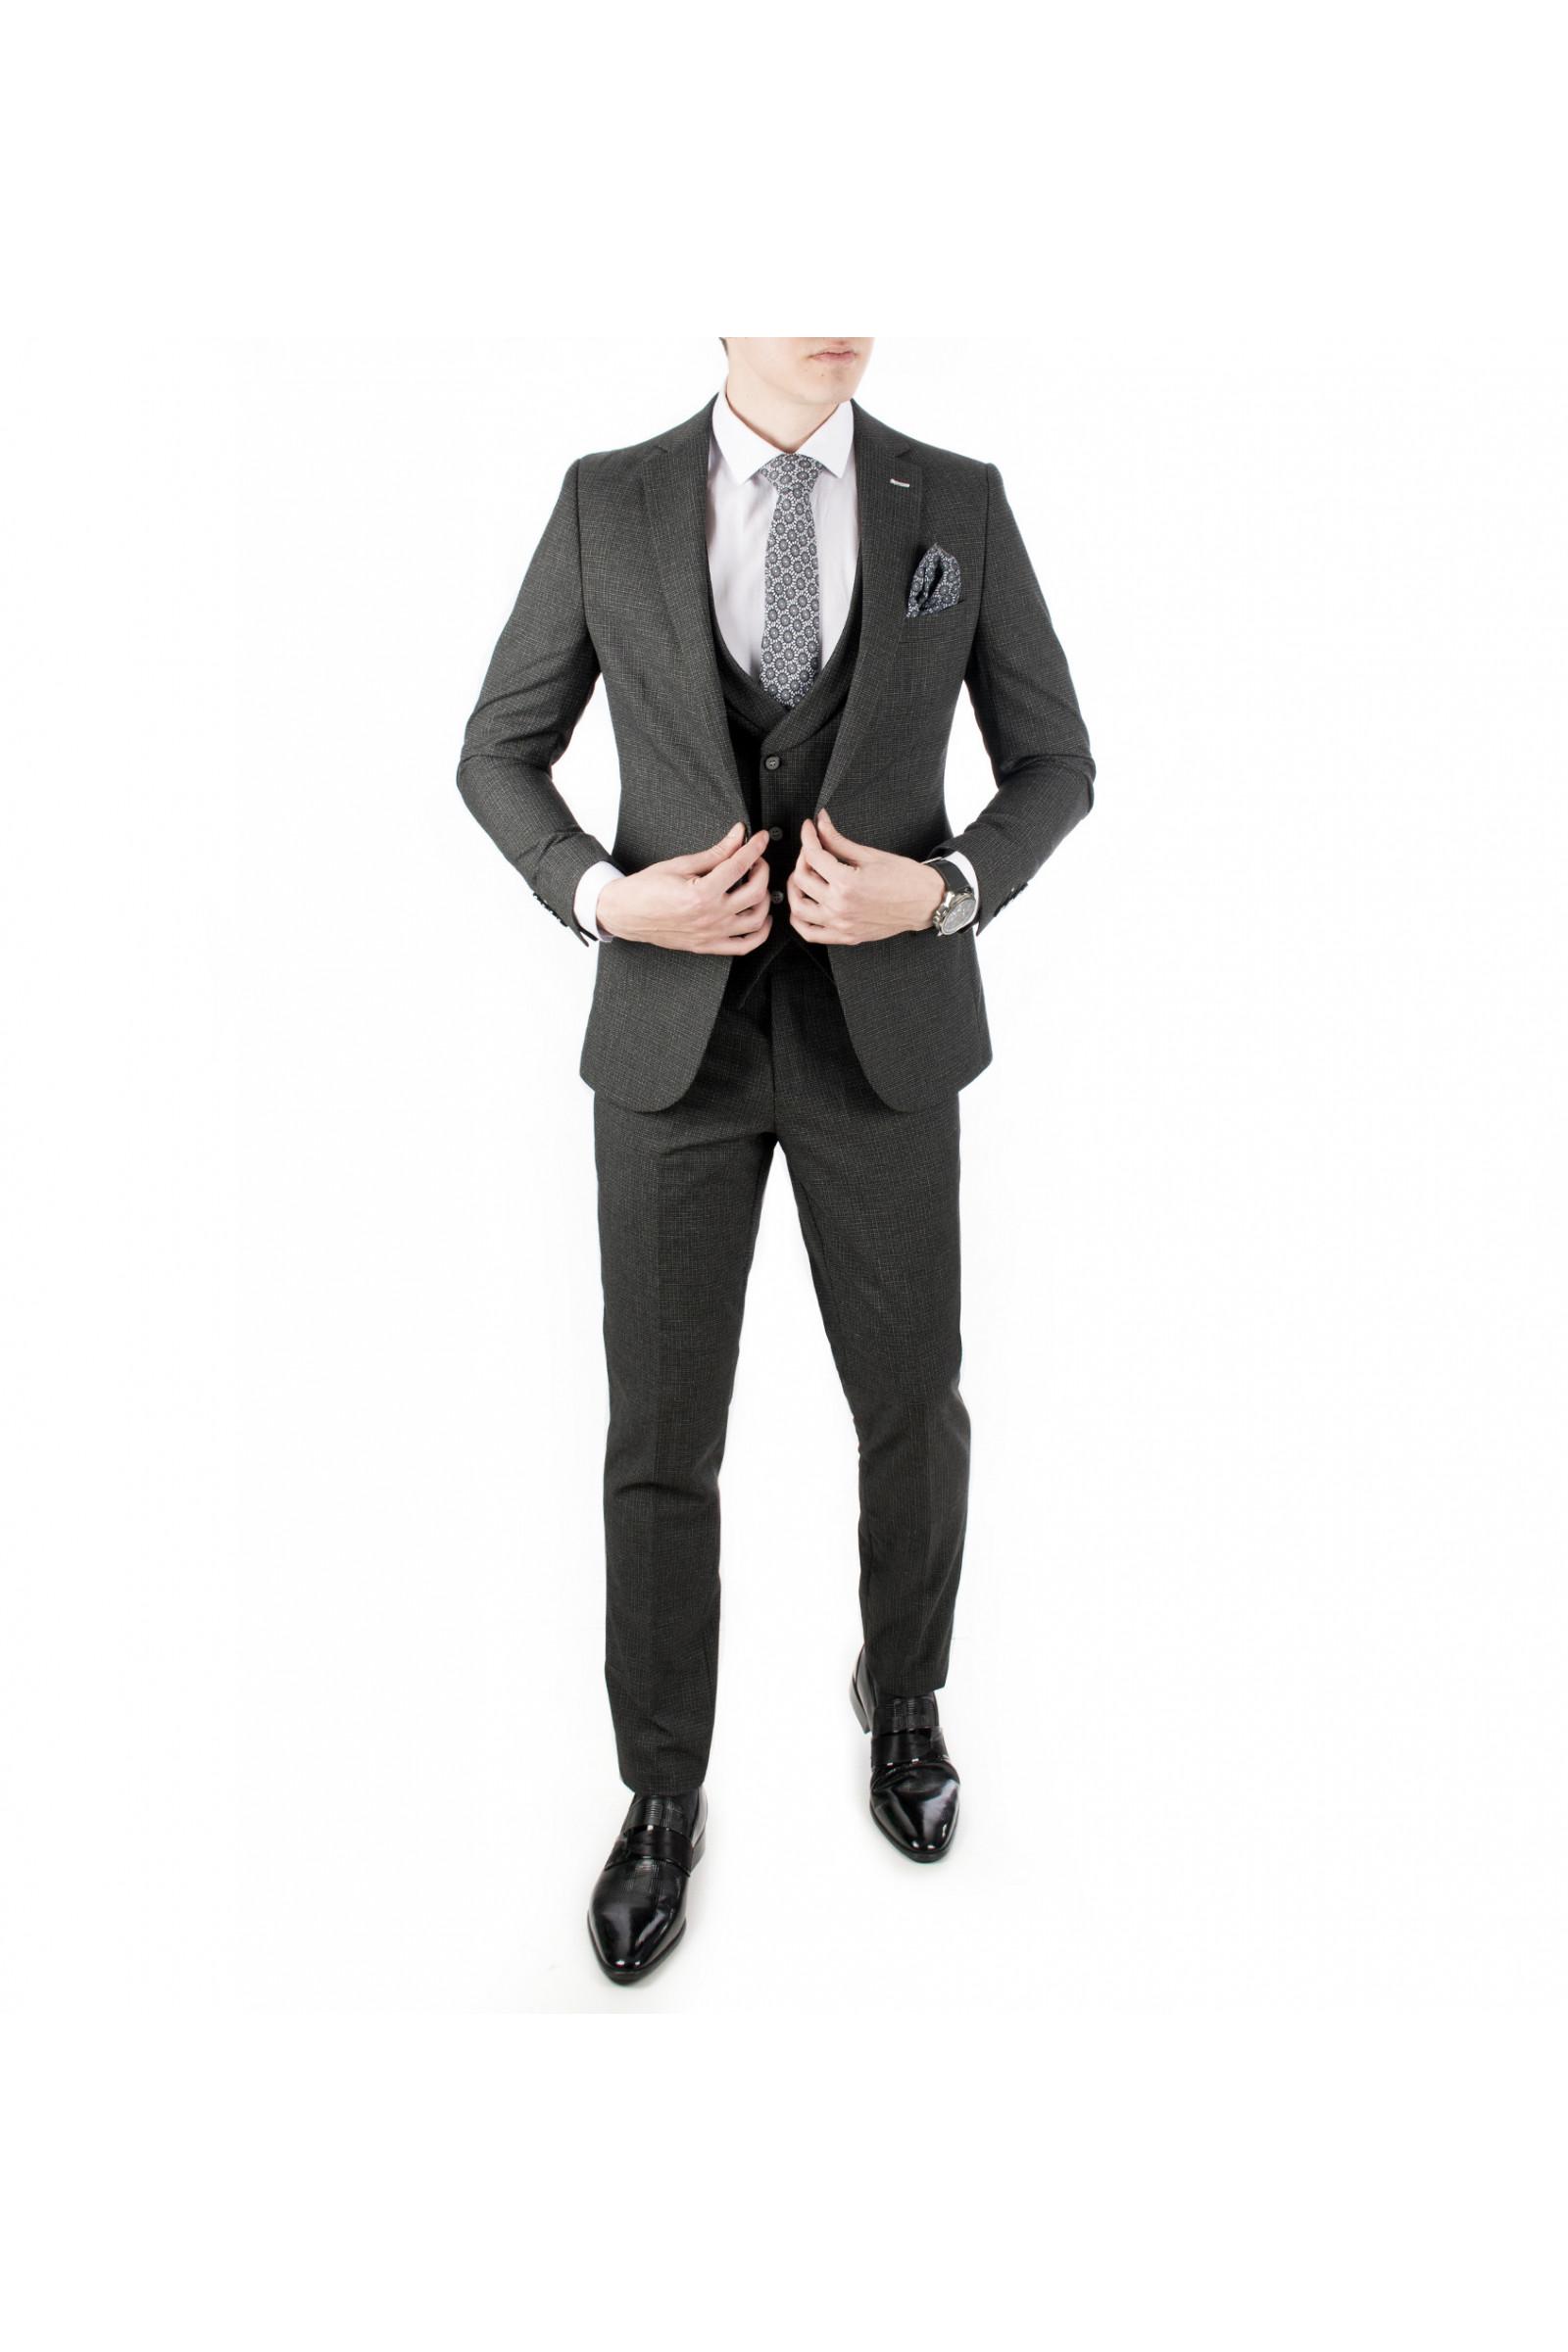 fb23b93276883 DeepSEA Kare Desenli-Çizgili 3'lü İtalyan Kesim Erkek Takım Elbise 1810720